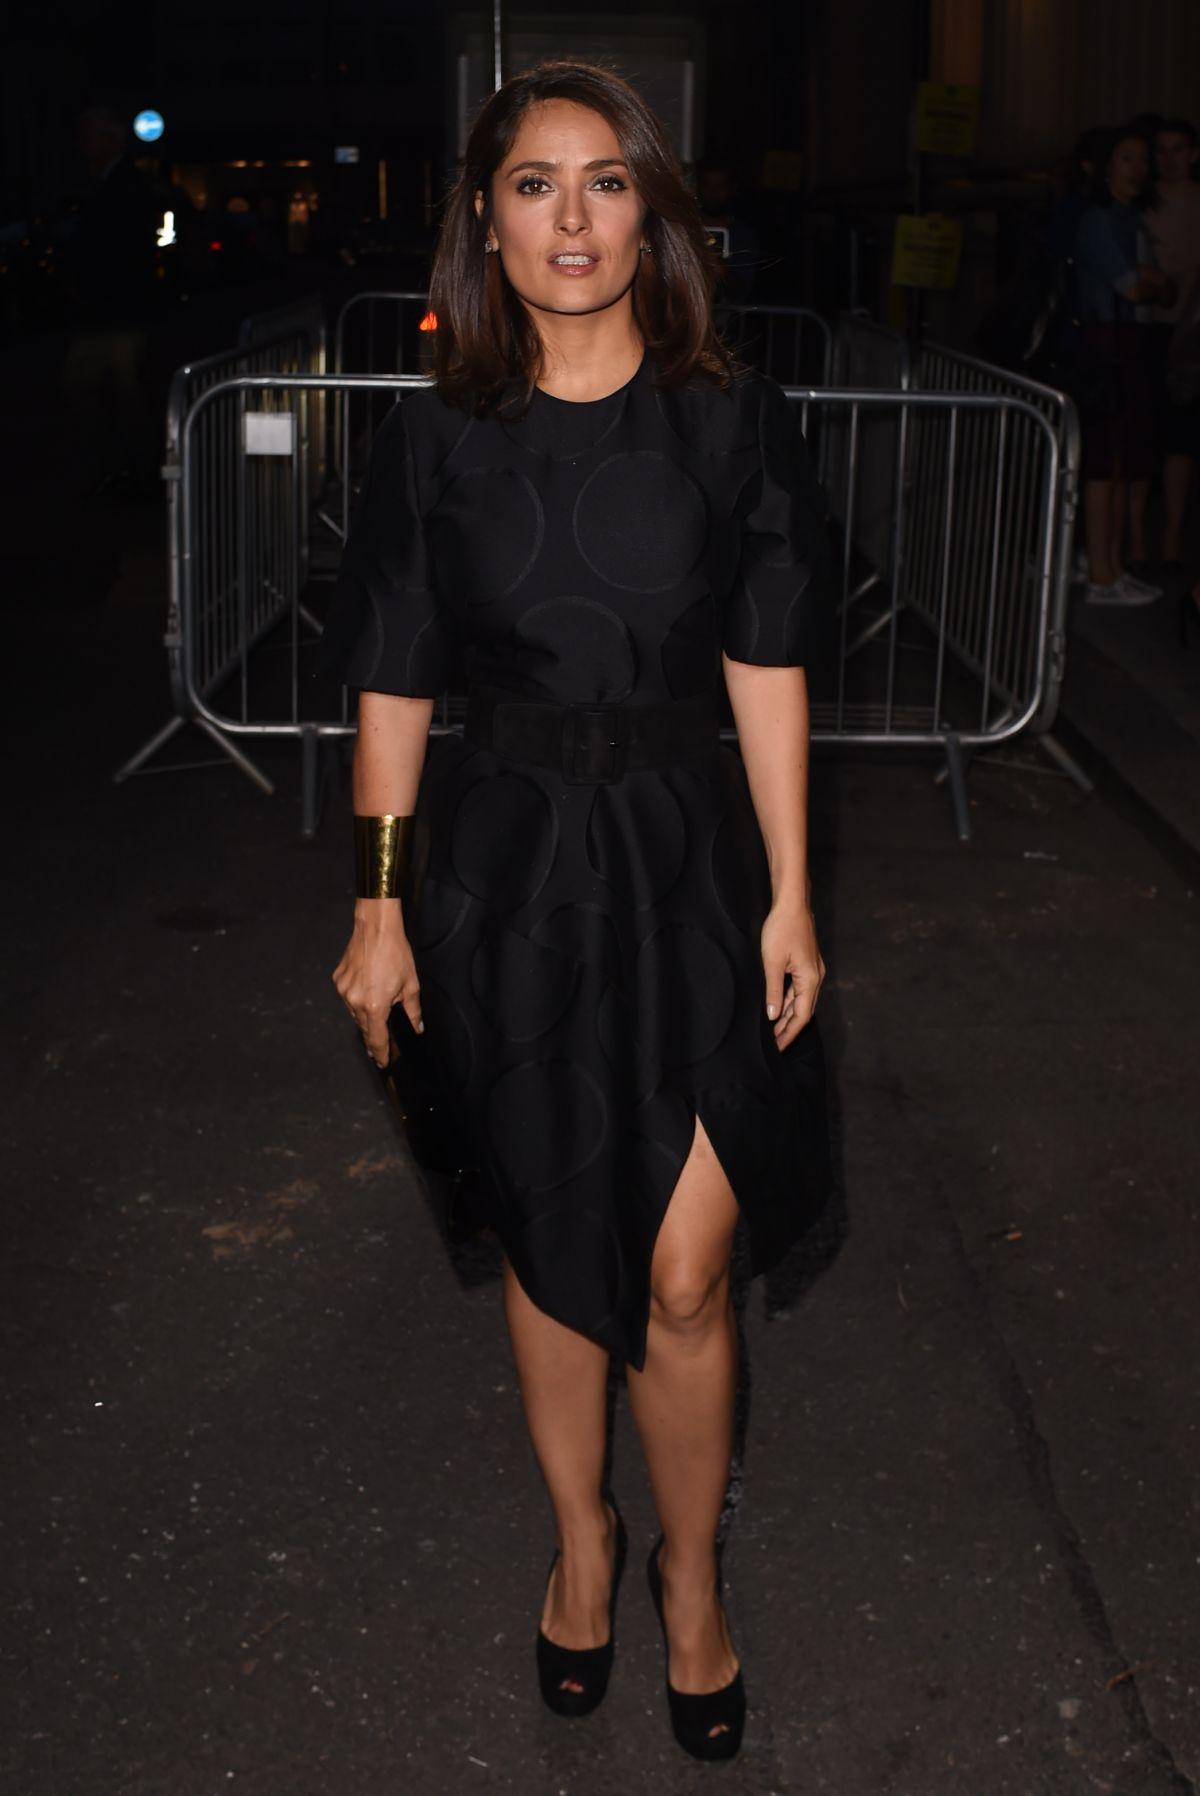 SALMA HAYEK at Stella Mccartney Green Carpet Collection Fashion Show in London